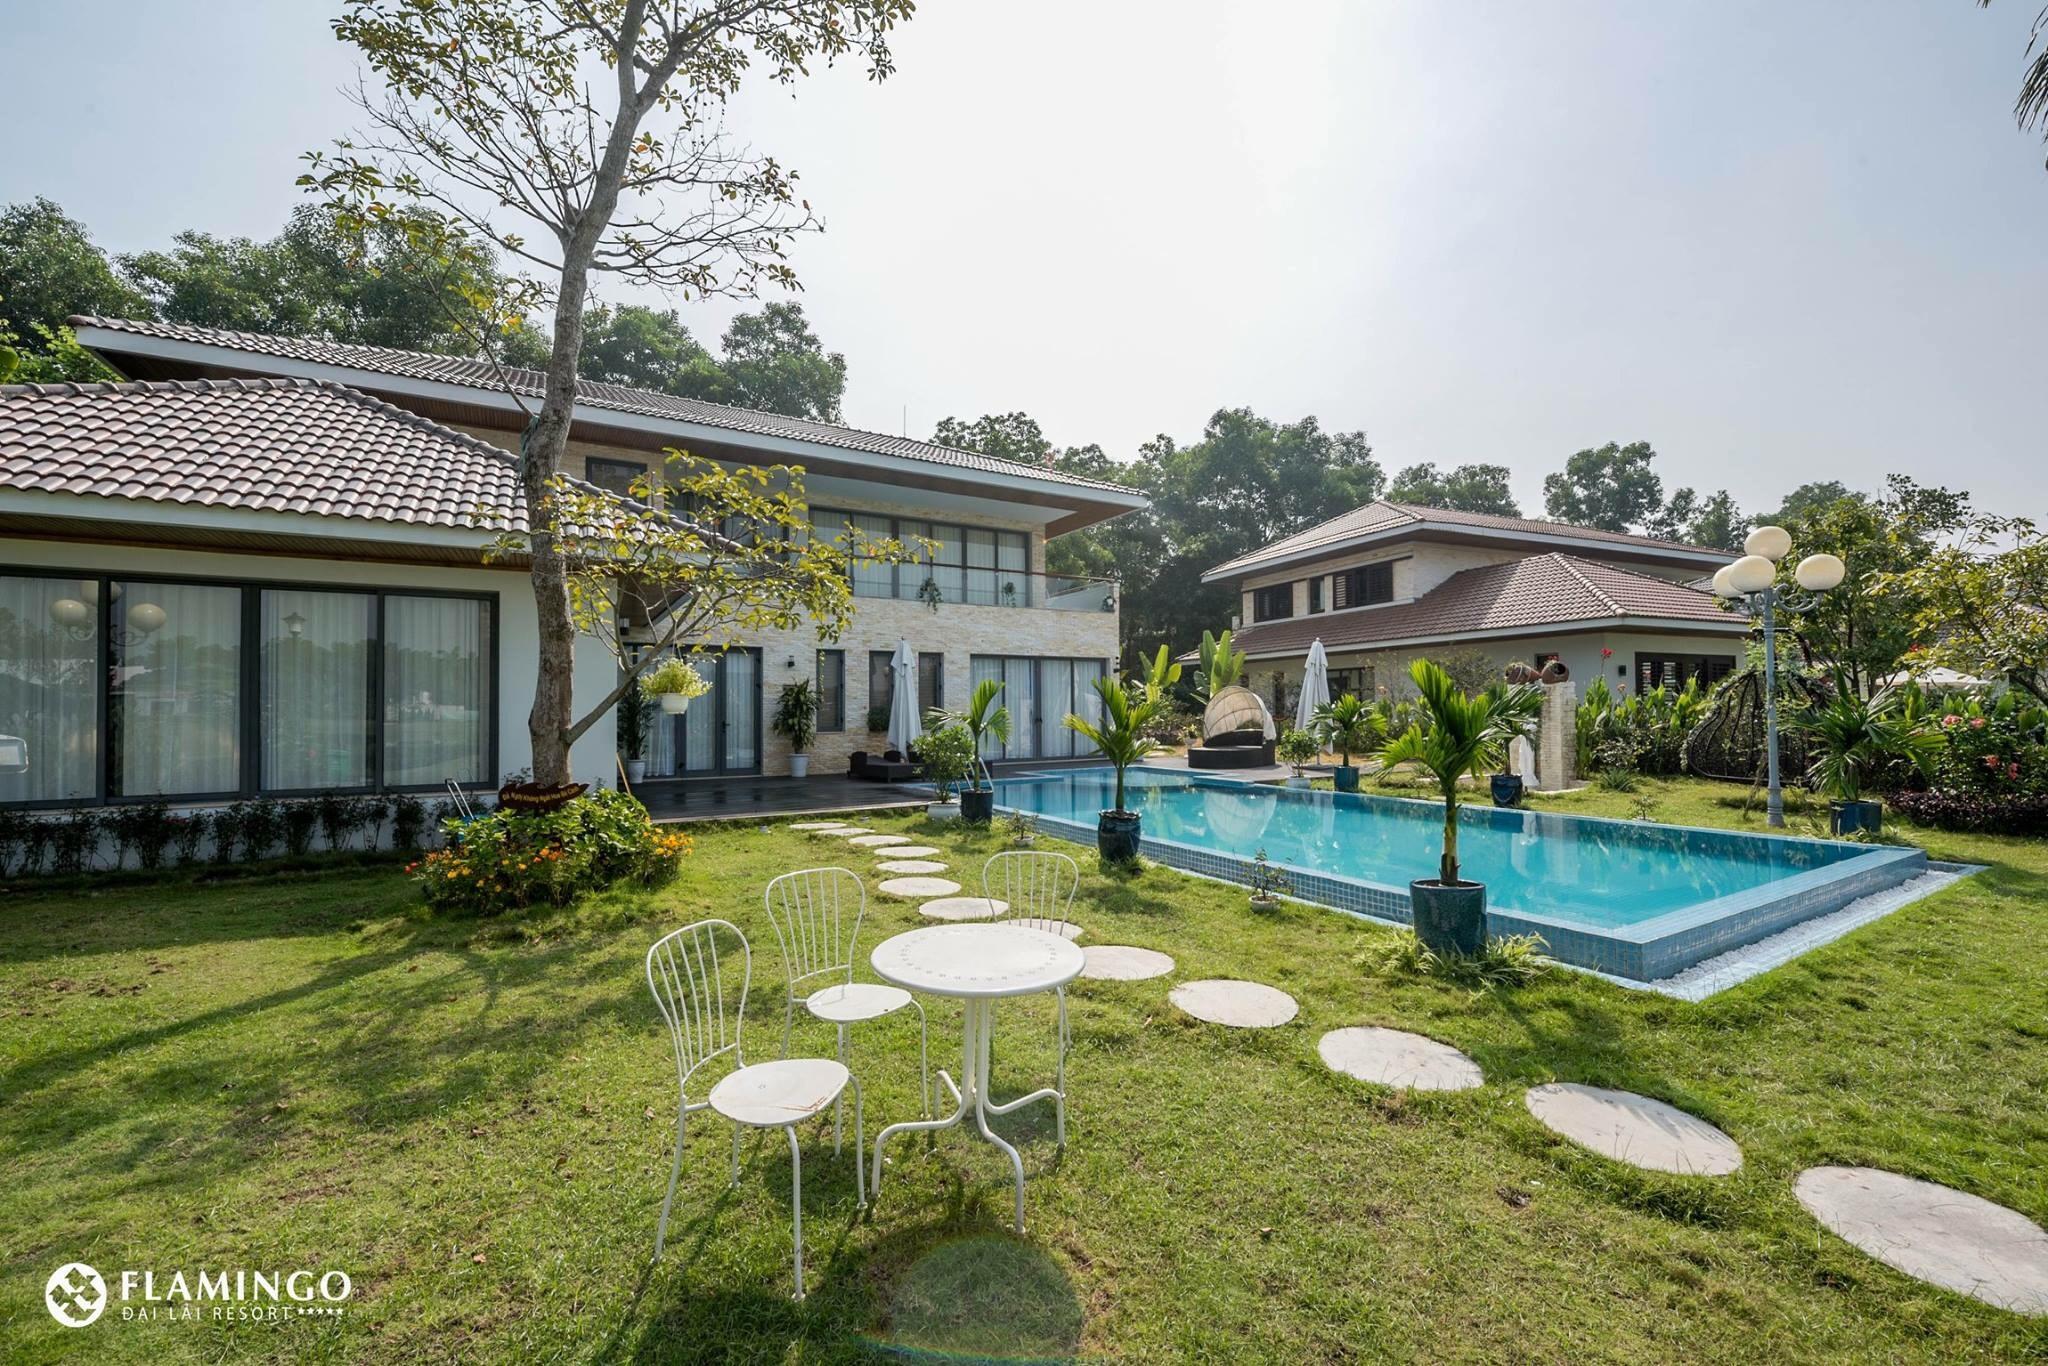 VILLA 4 PHÒNG NGỦ B24 FLAMINGO ĐẠI LẢI (VLVPFMG0017) - Resort và ...